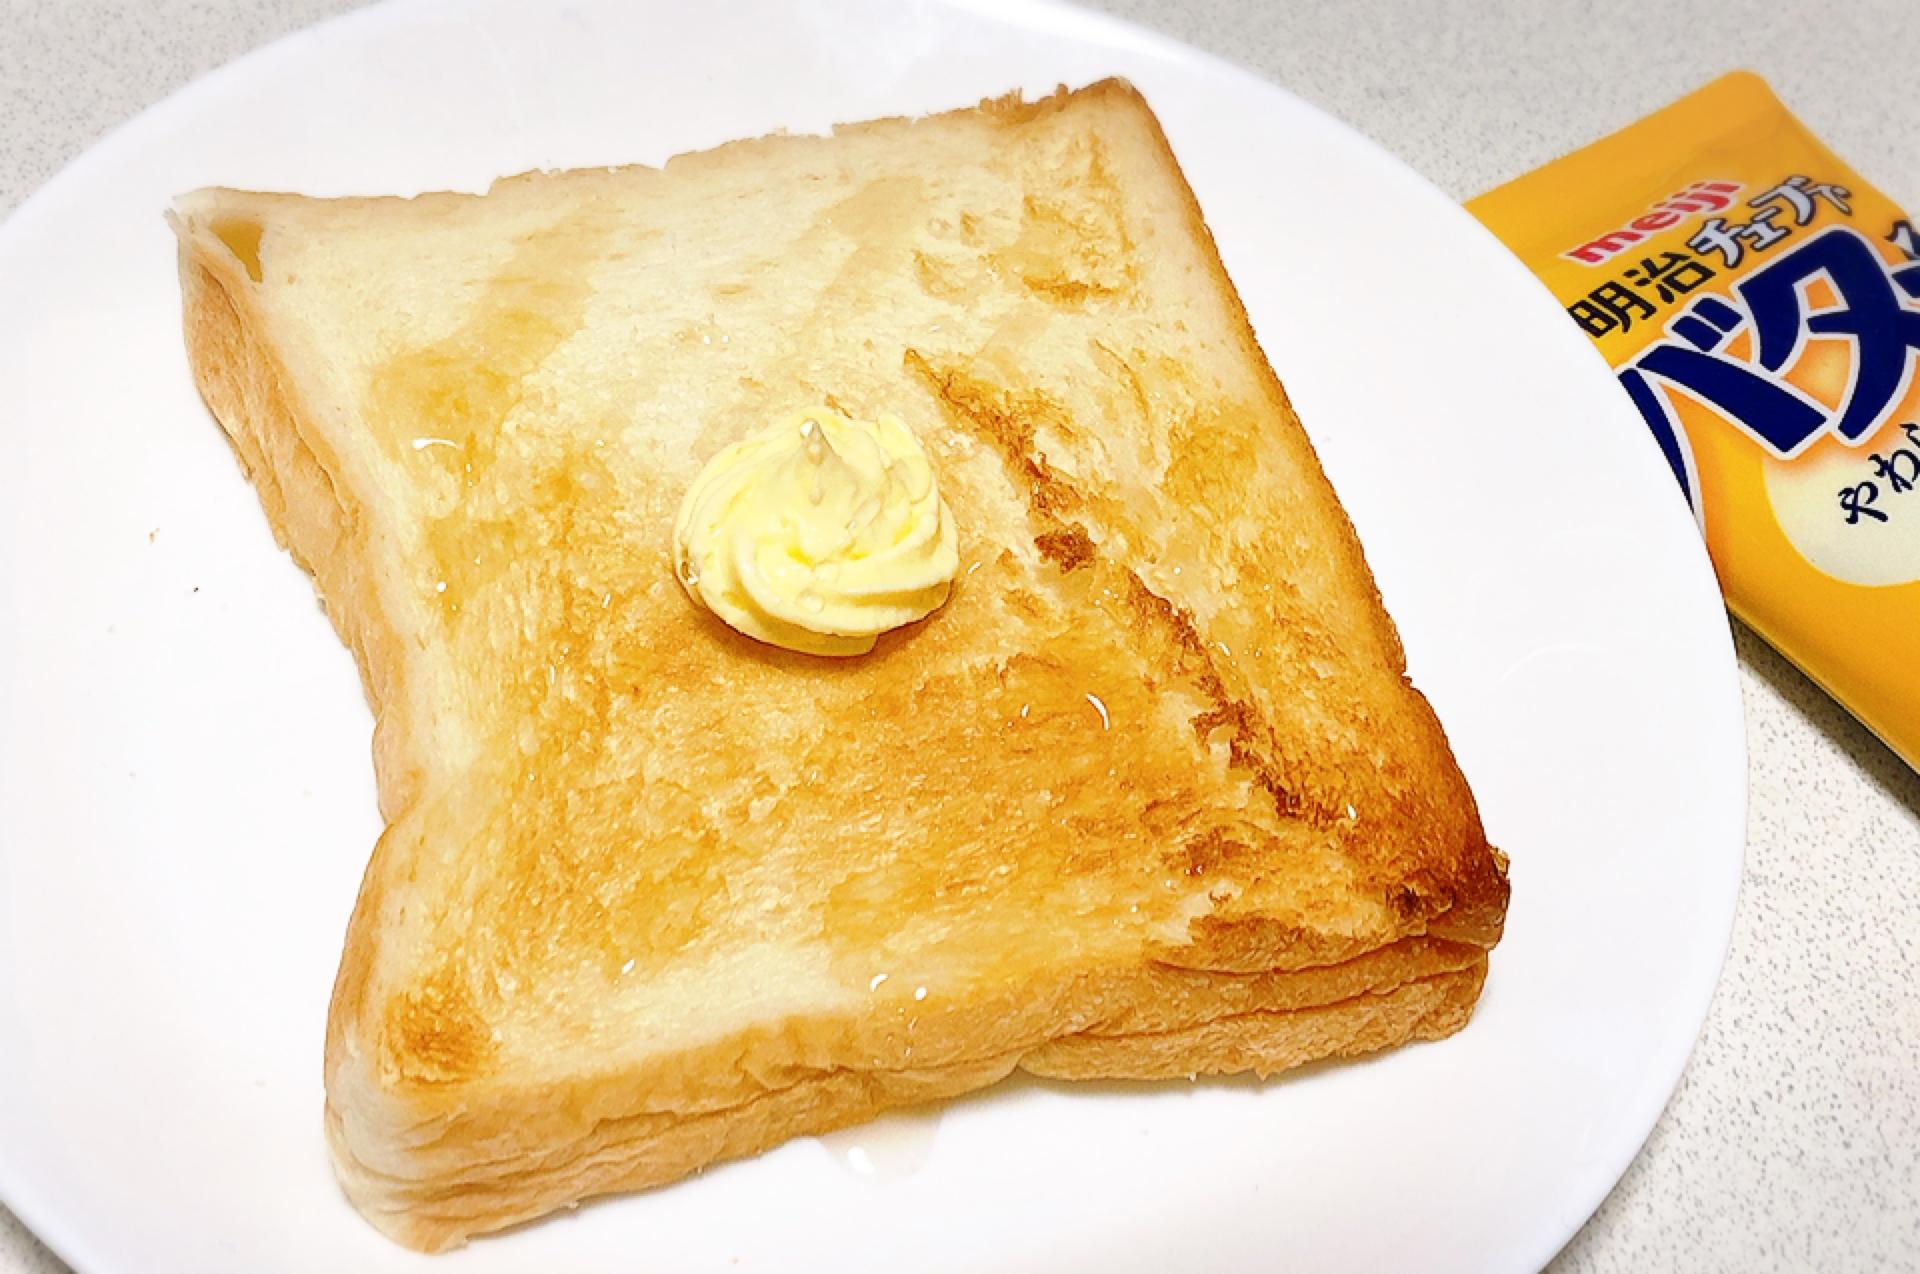 【乃が美】全国151店舗!そのまま食べても美味しい高級生食パン*おうちで絶品フレンチトーストにアレンジ( ´ ▽ ` )♡_5